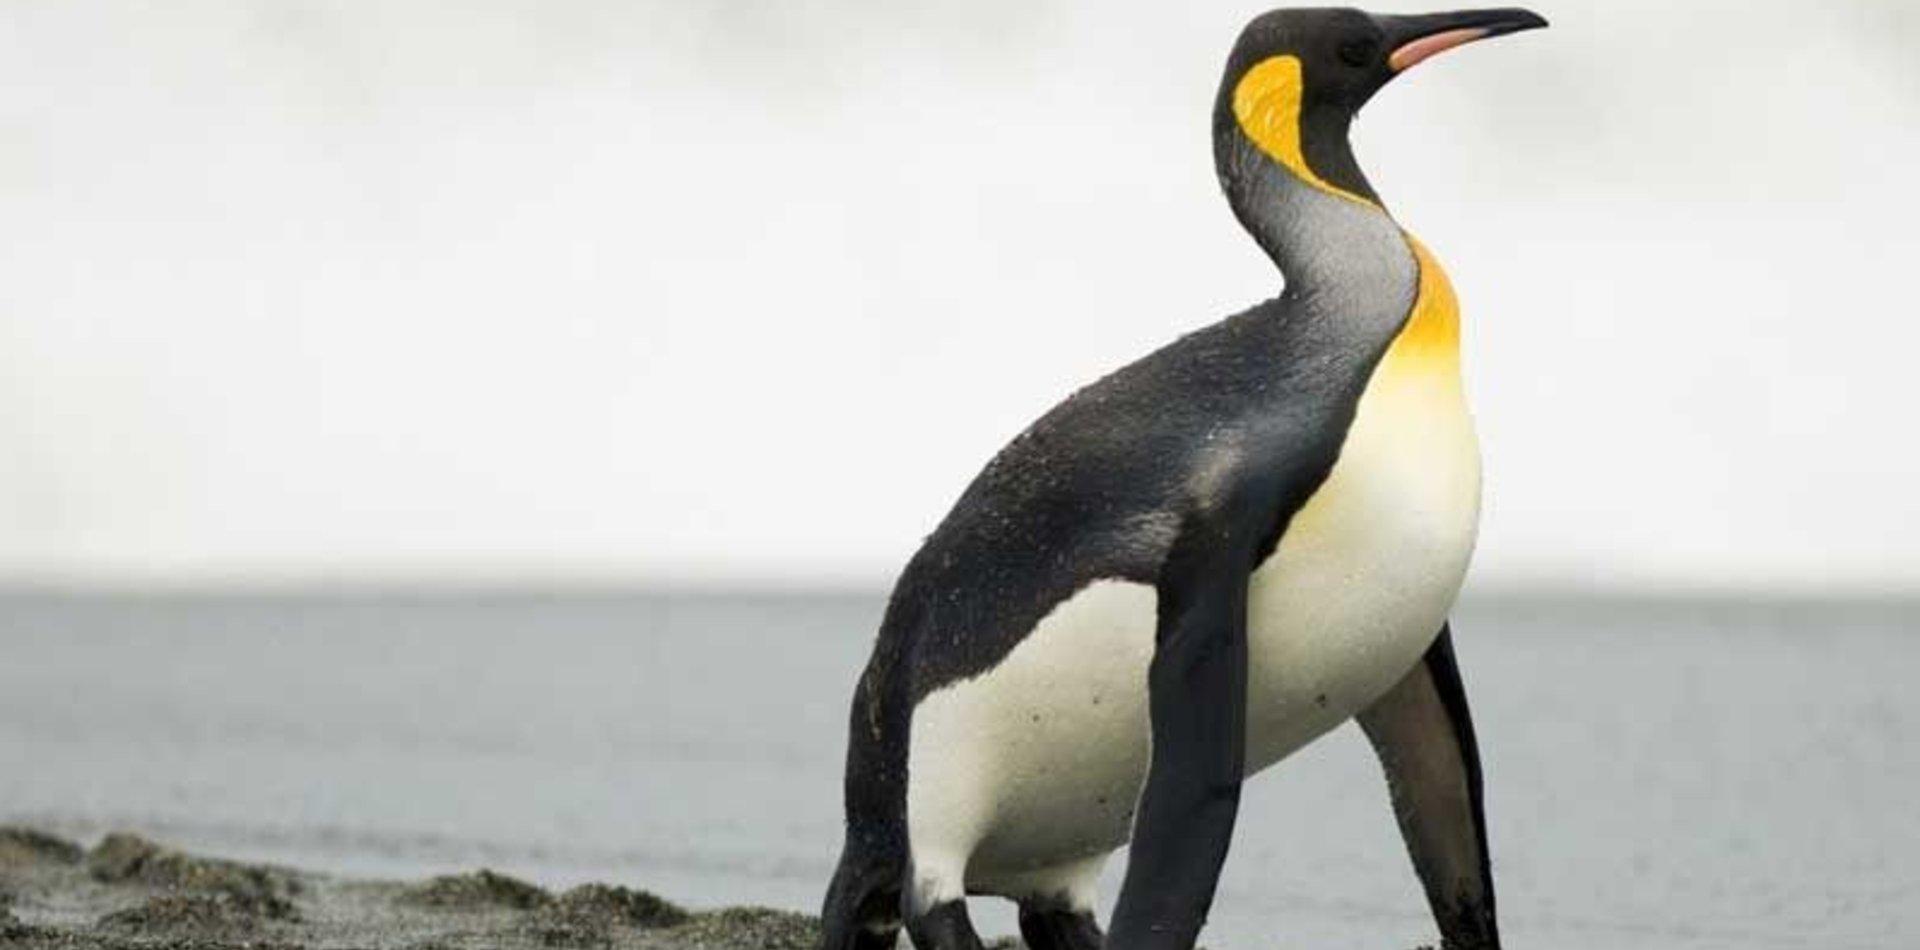 Con ayuda platense, hallaron los restos de un pingüino gigante del tamaño de una persona